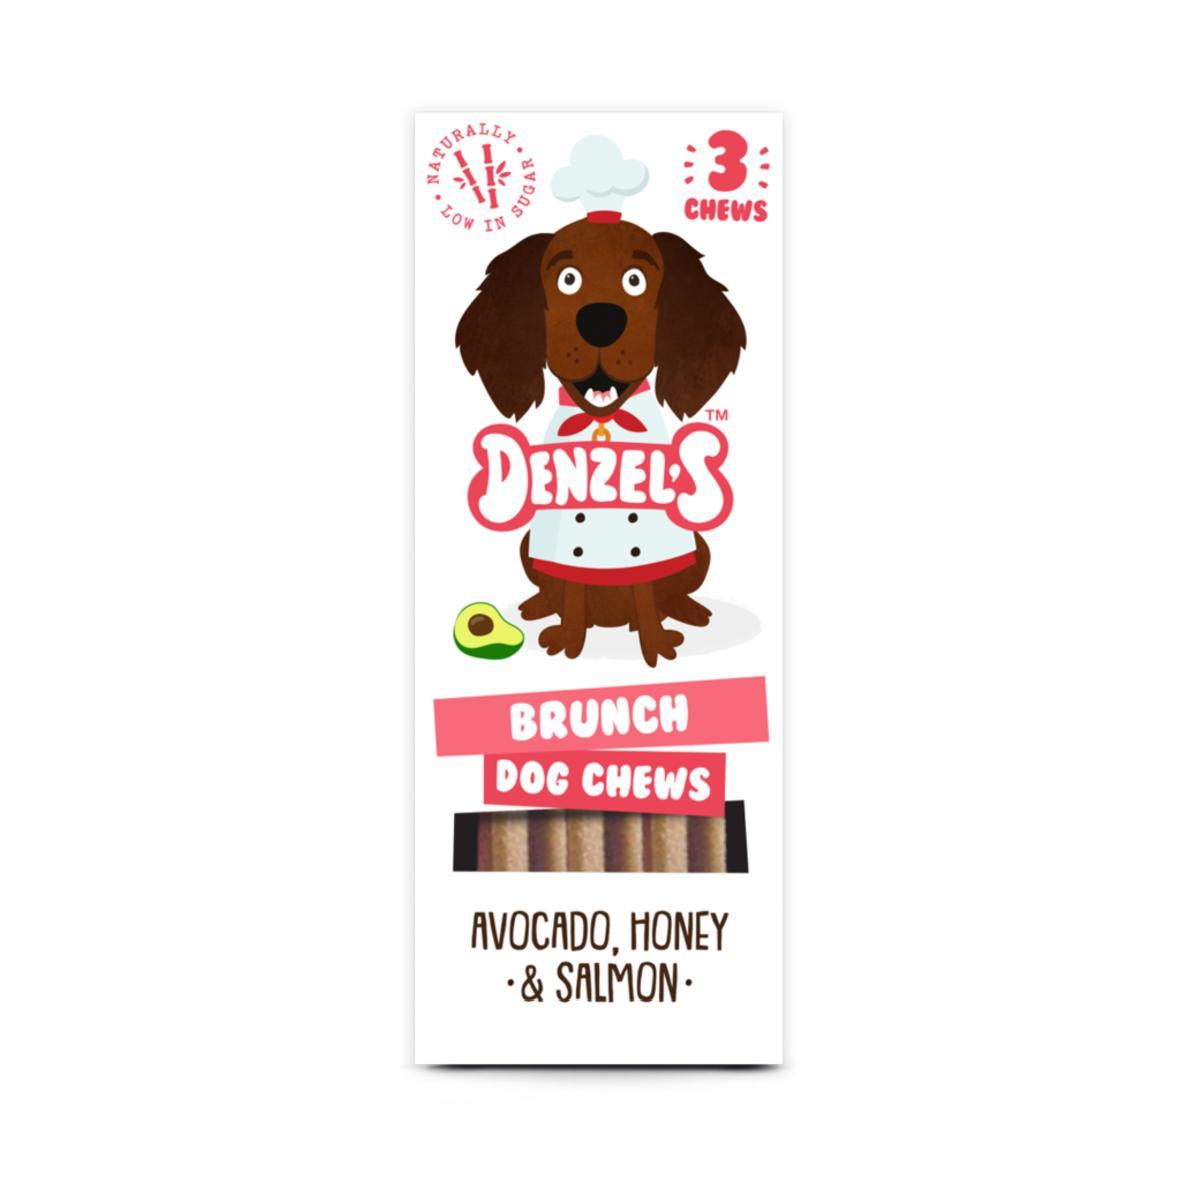 Denzels Brunch Dog Chews Avocado, Honey & Salmon 3pk